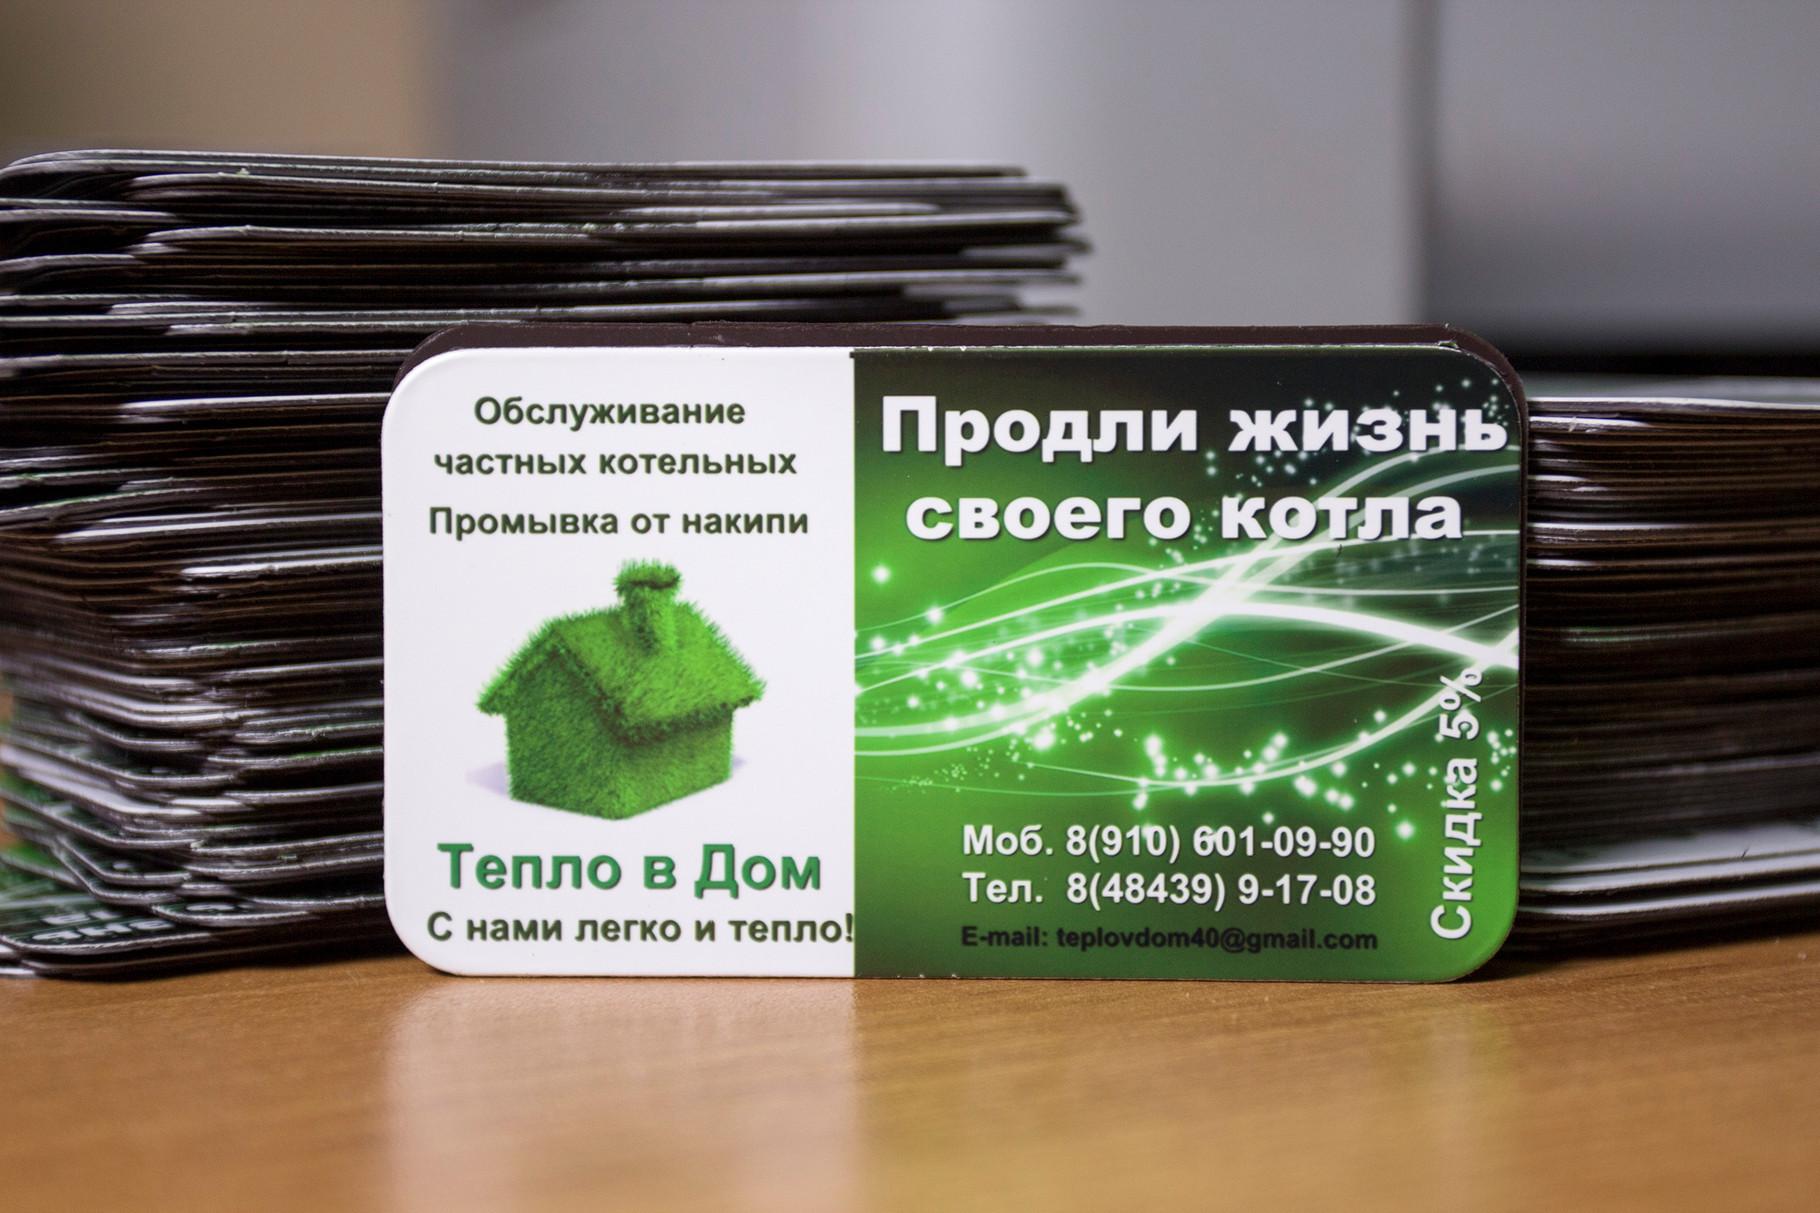 Печать и изготовление магнитных визиток в Москве   фото 5